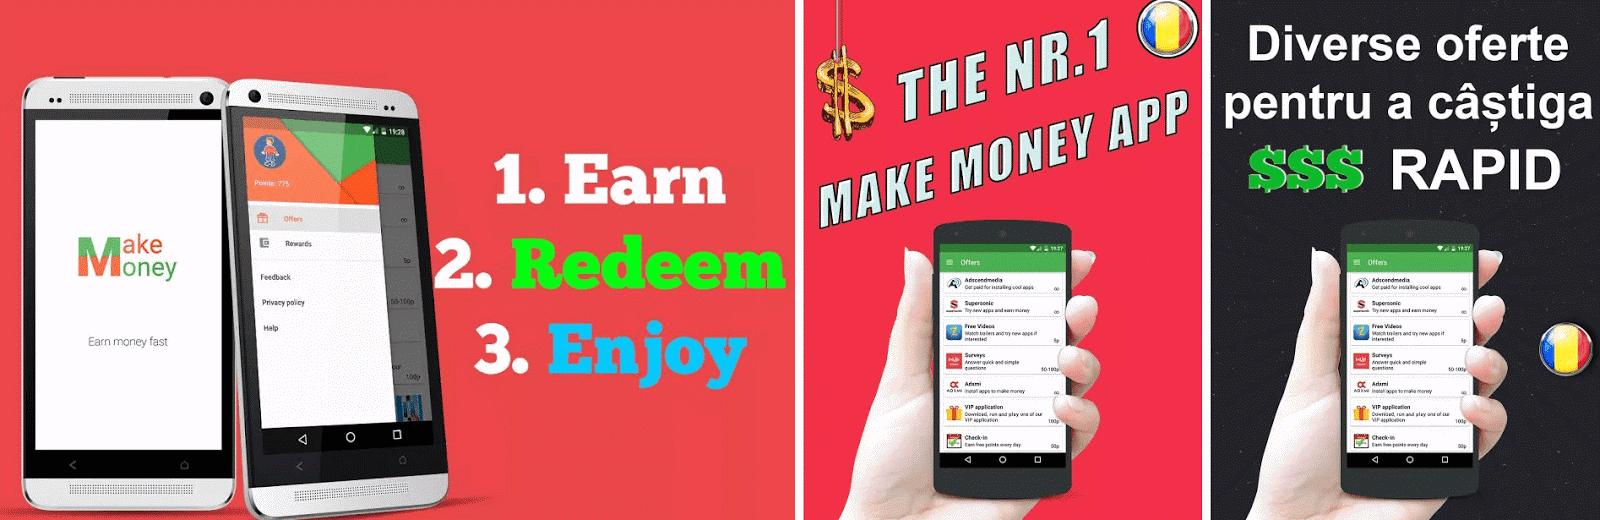 Câștigați bani rapid pe telefon. Obținând o mulțime de venituri